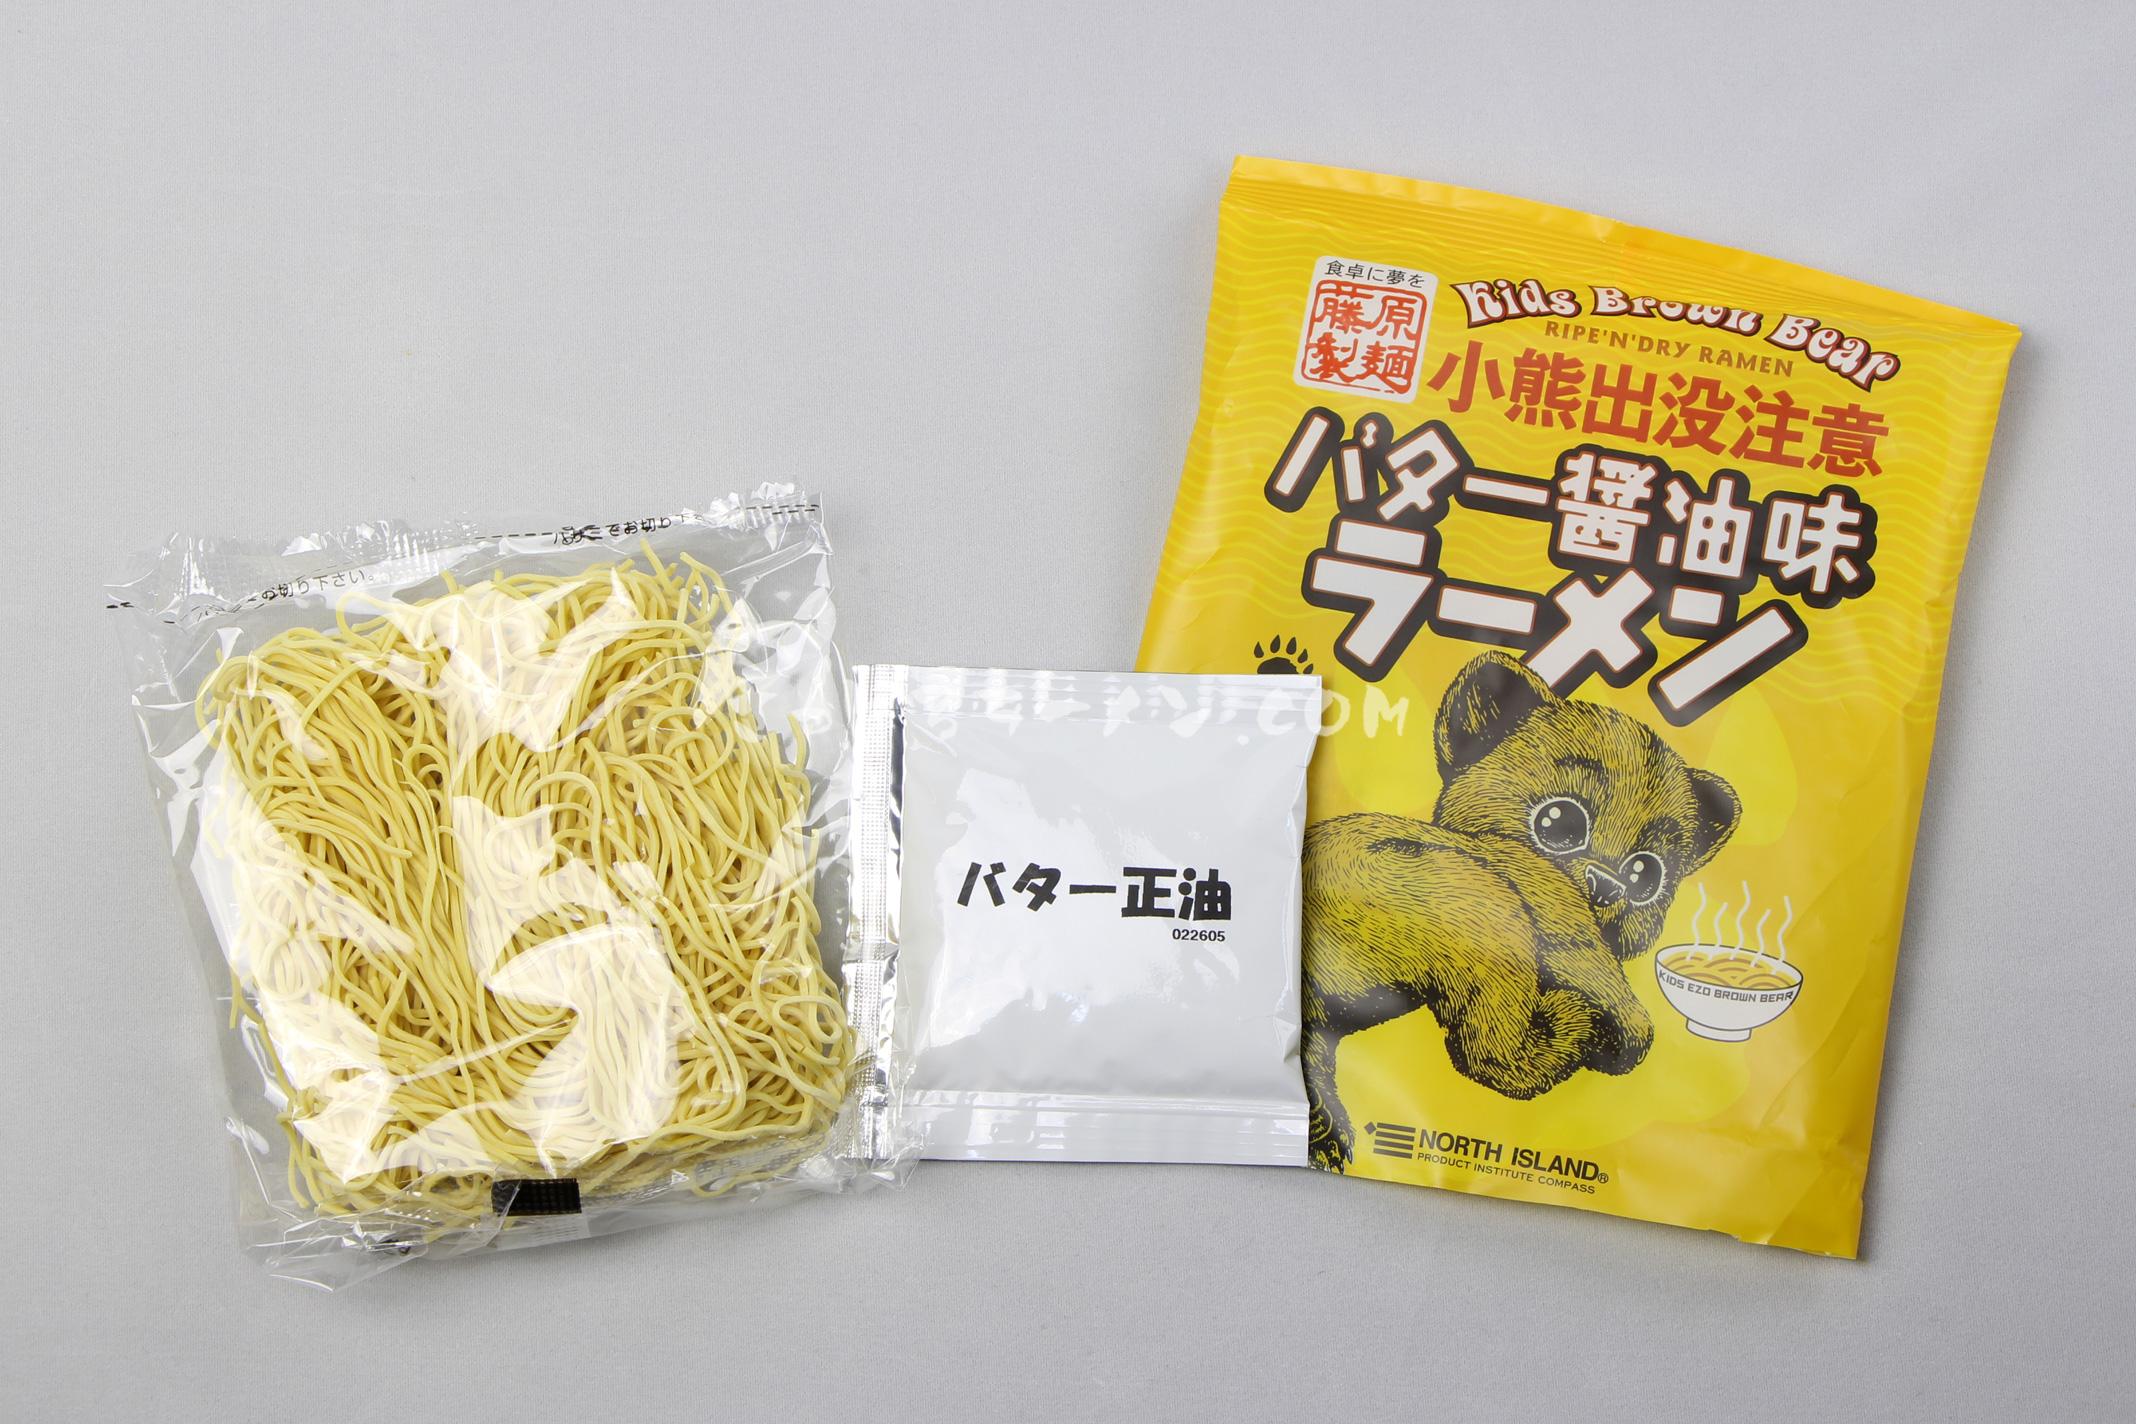 「小熊出没注意 バター醤油味ラーメン」(藤原製麺)の麺とスープ